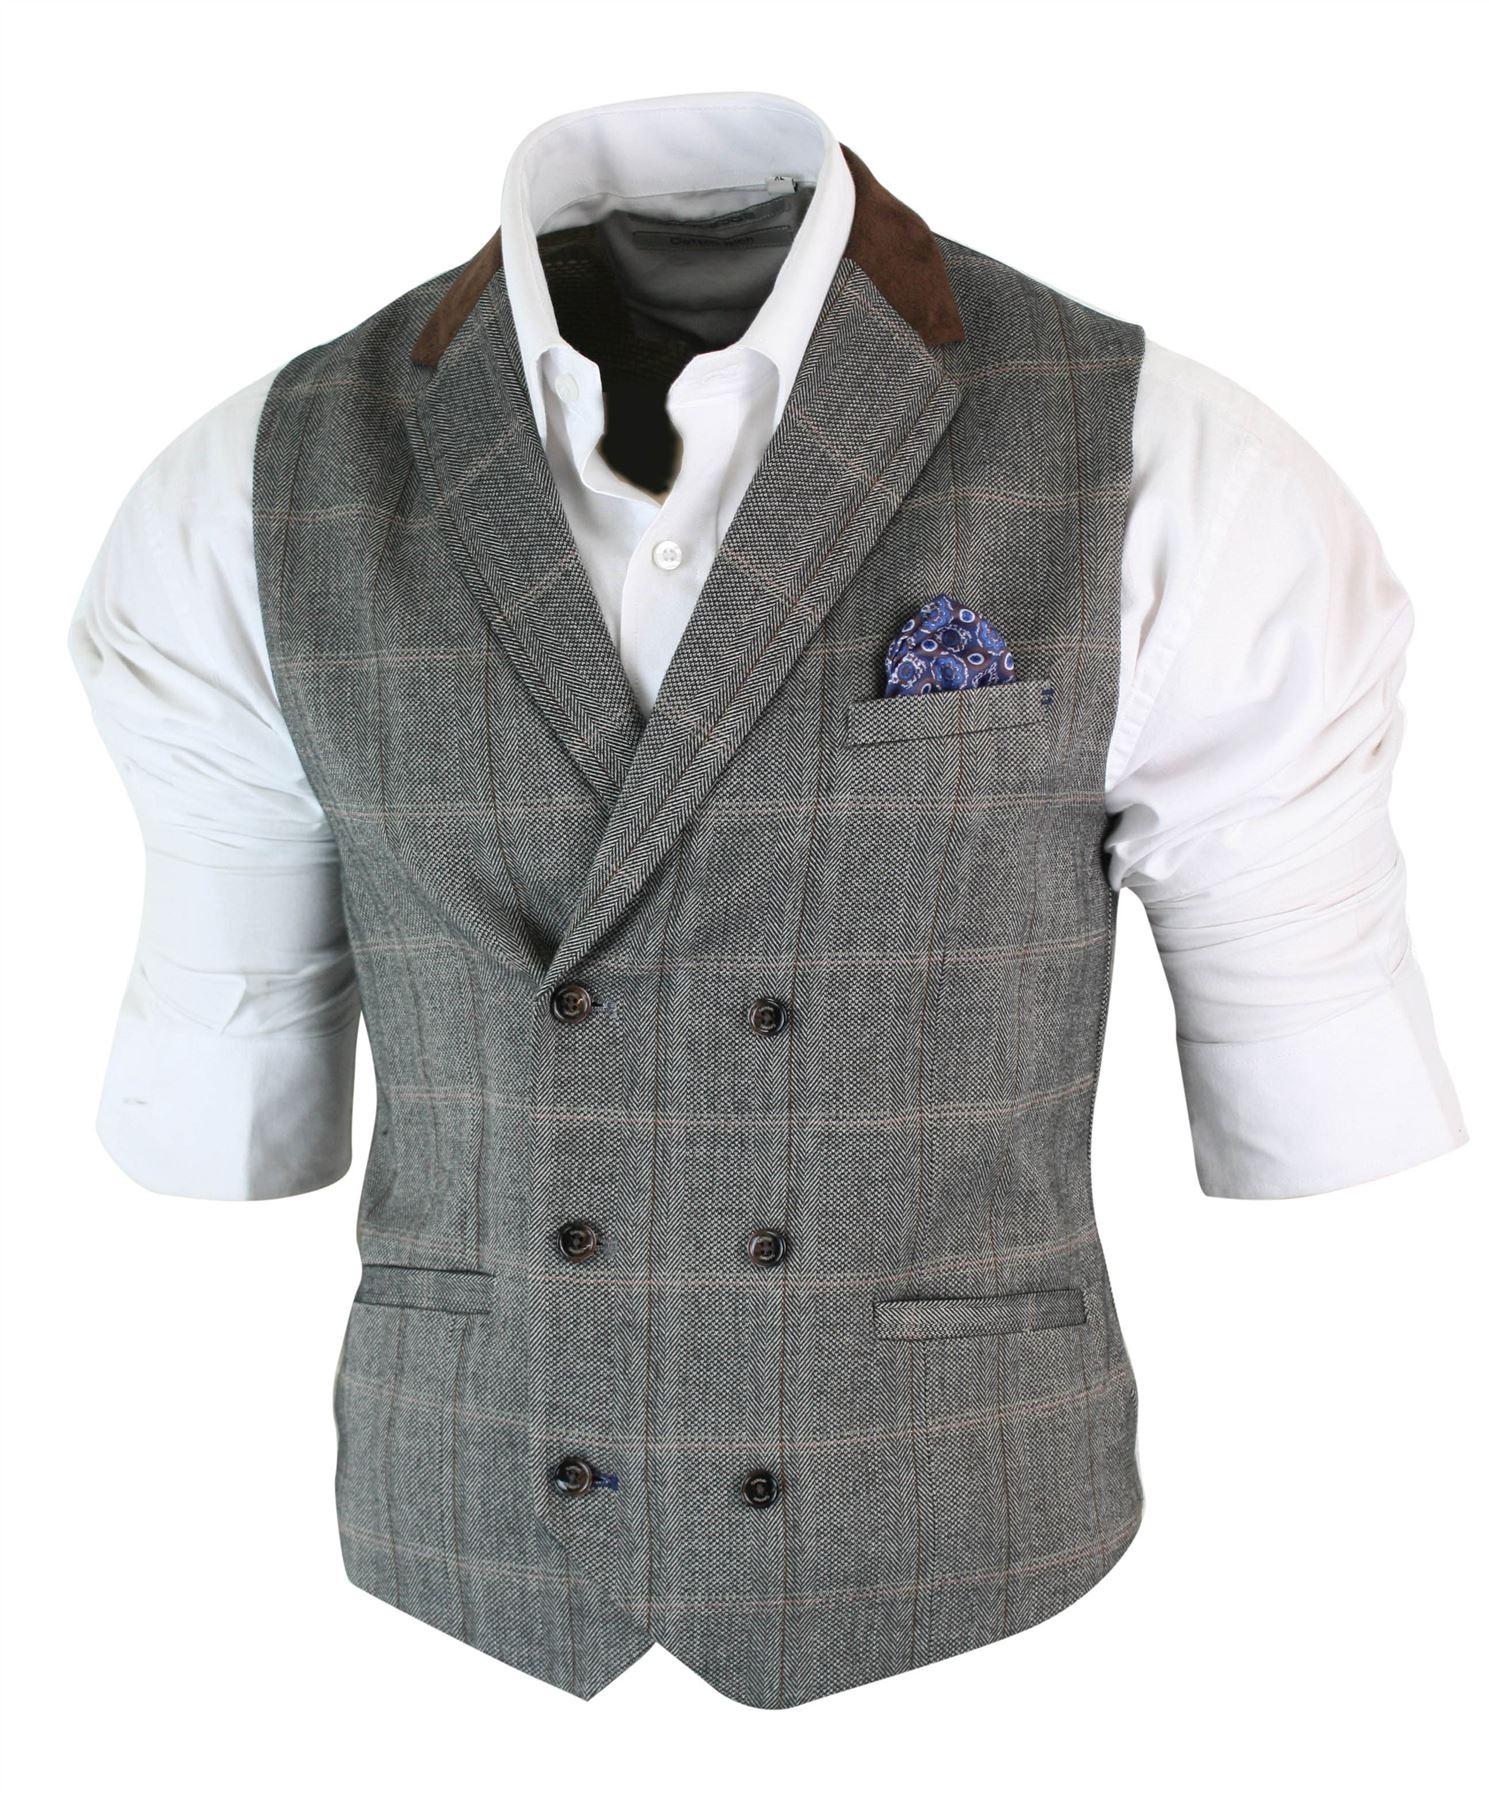 Mens-Double-Breasted-Herringbone-Tweed-Peaky-Blinders-Vintage-Check-Waistcoat miniatuur 27